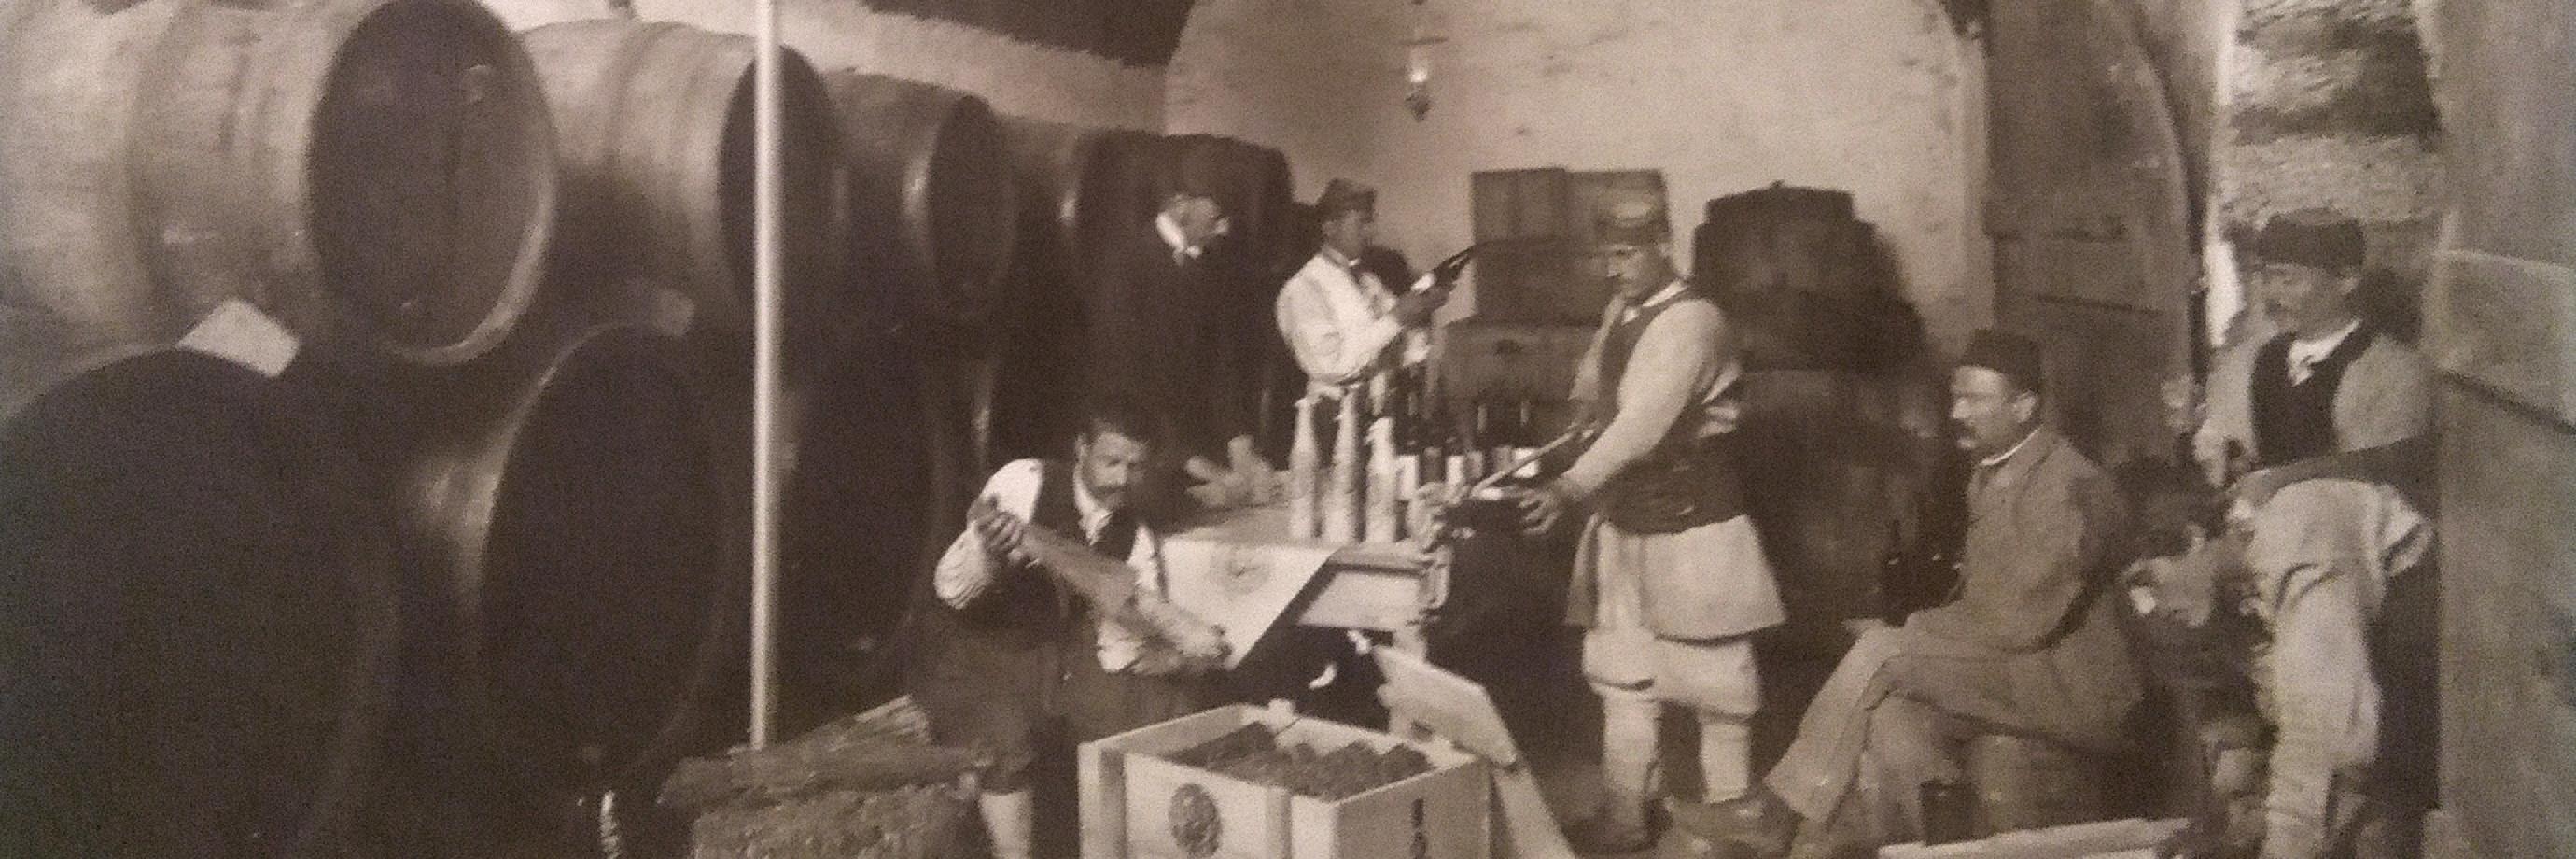 Хенрик Реннер о мостарском виноделии